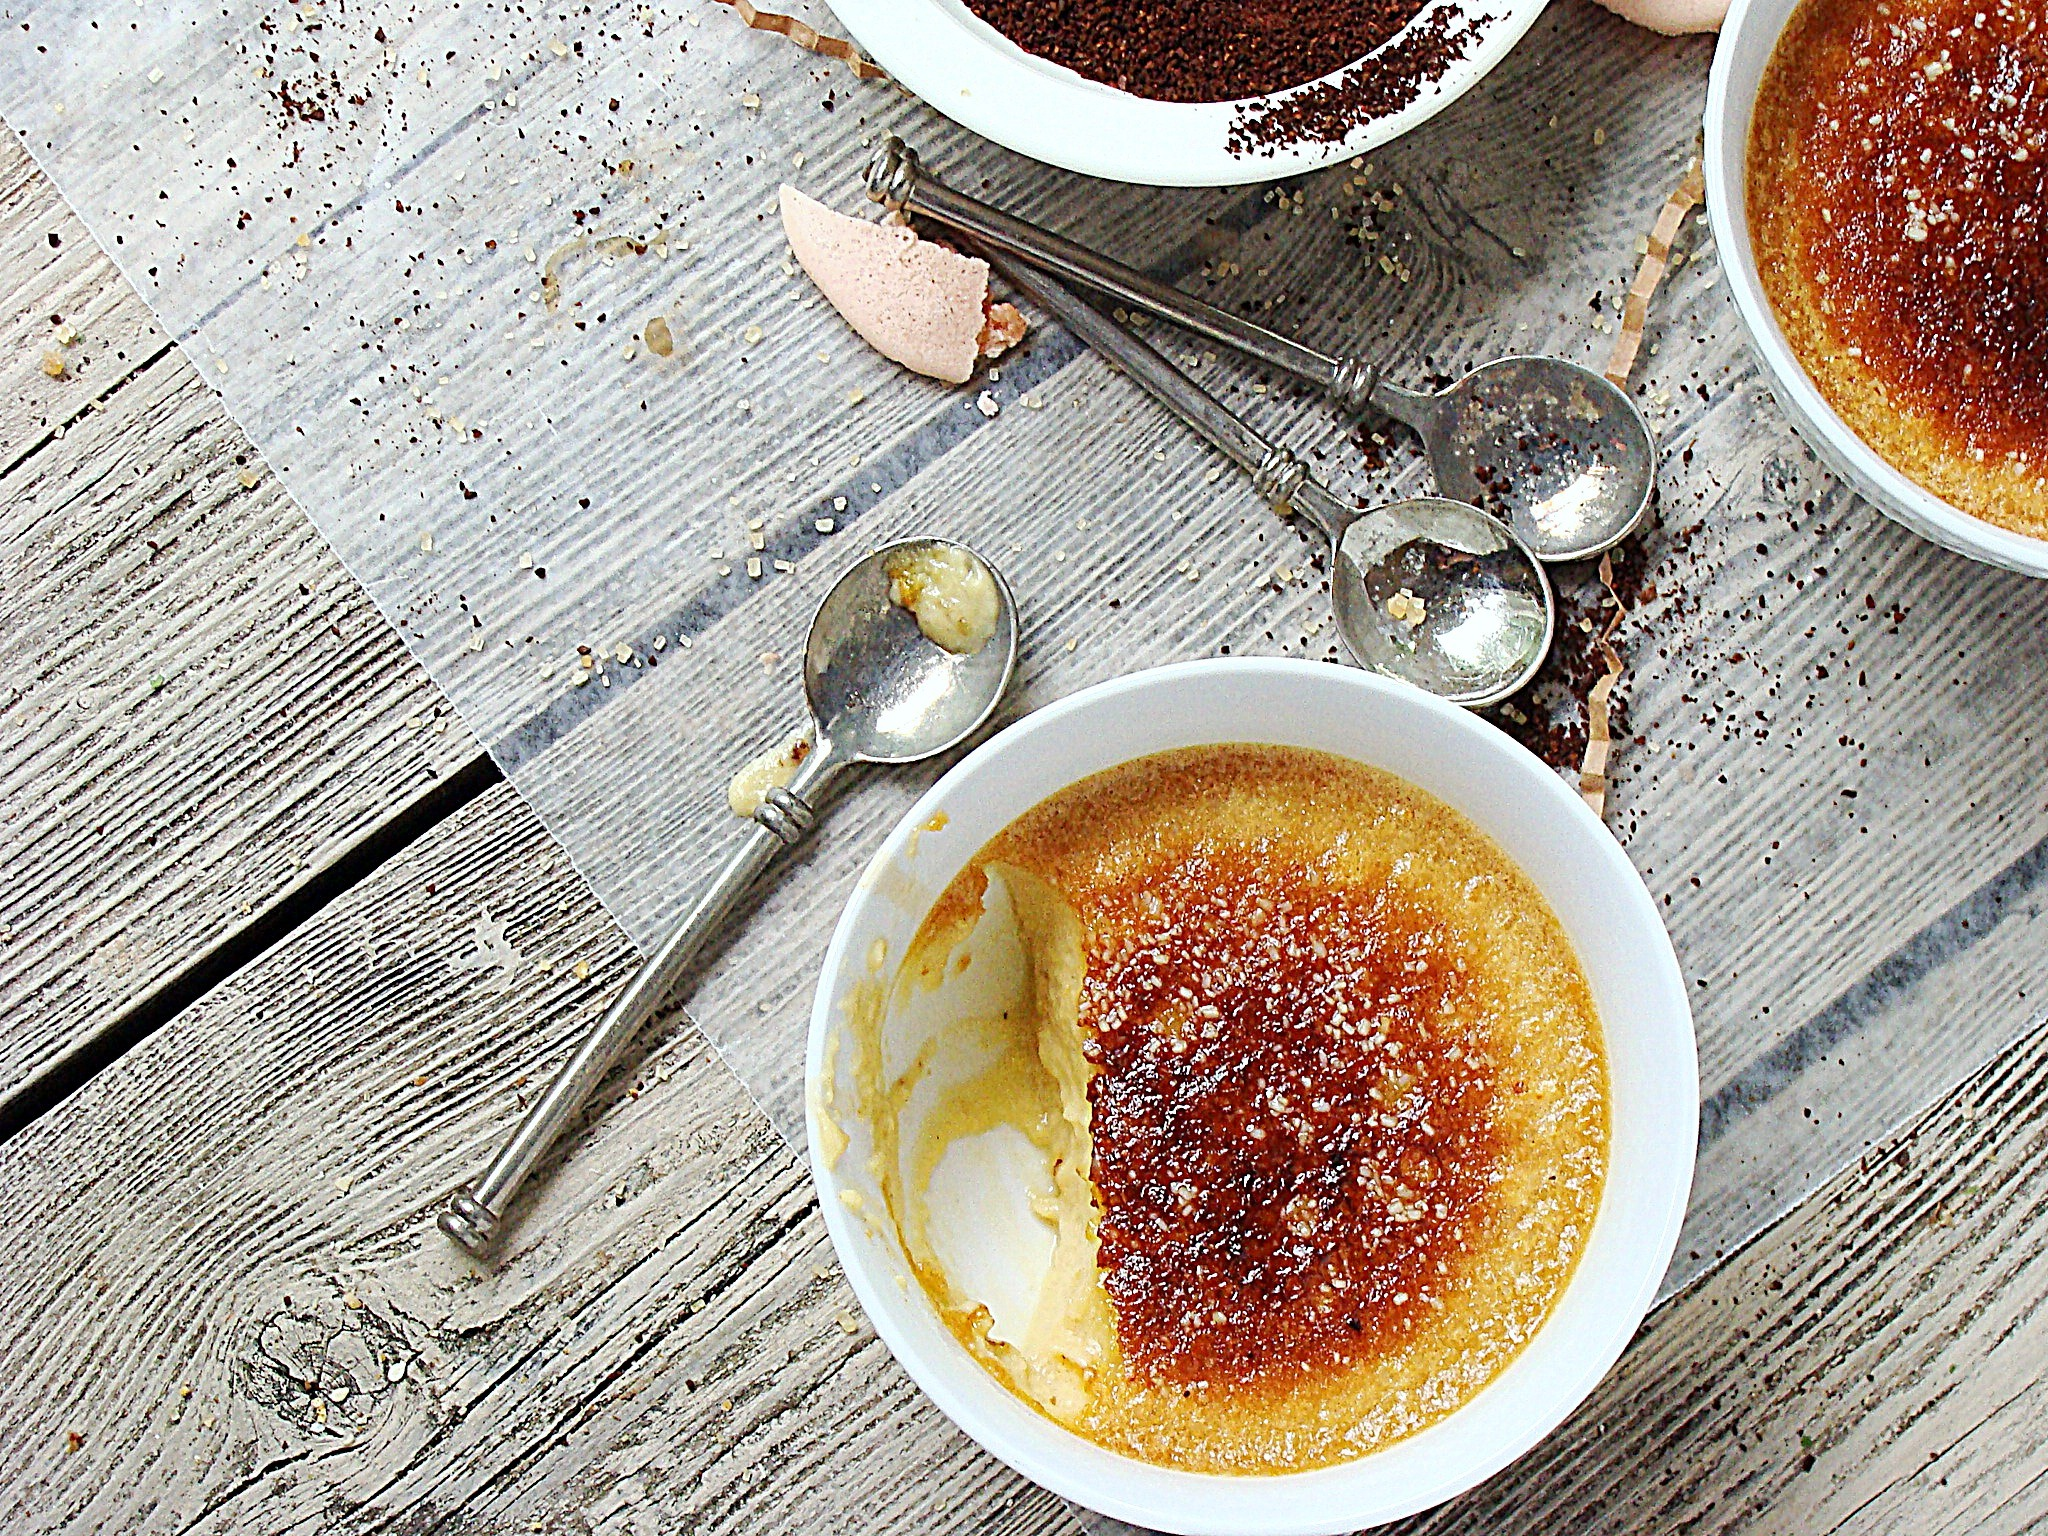 Fancy names intimidate me – amuse bouche, crème anglaise ...